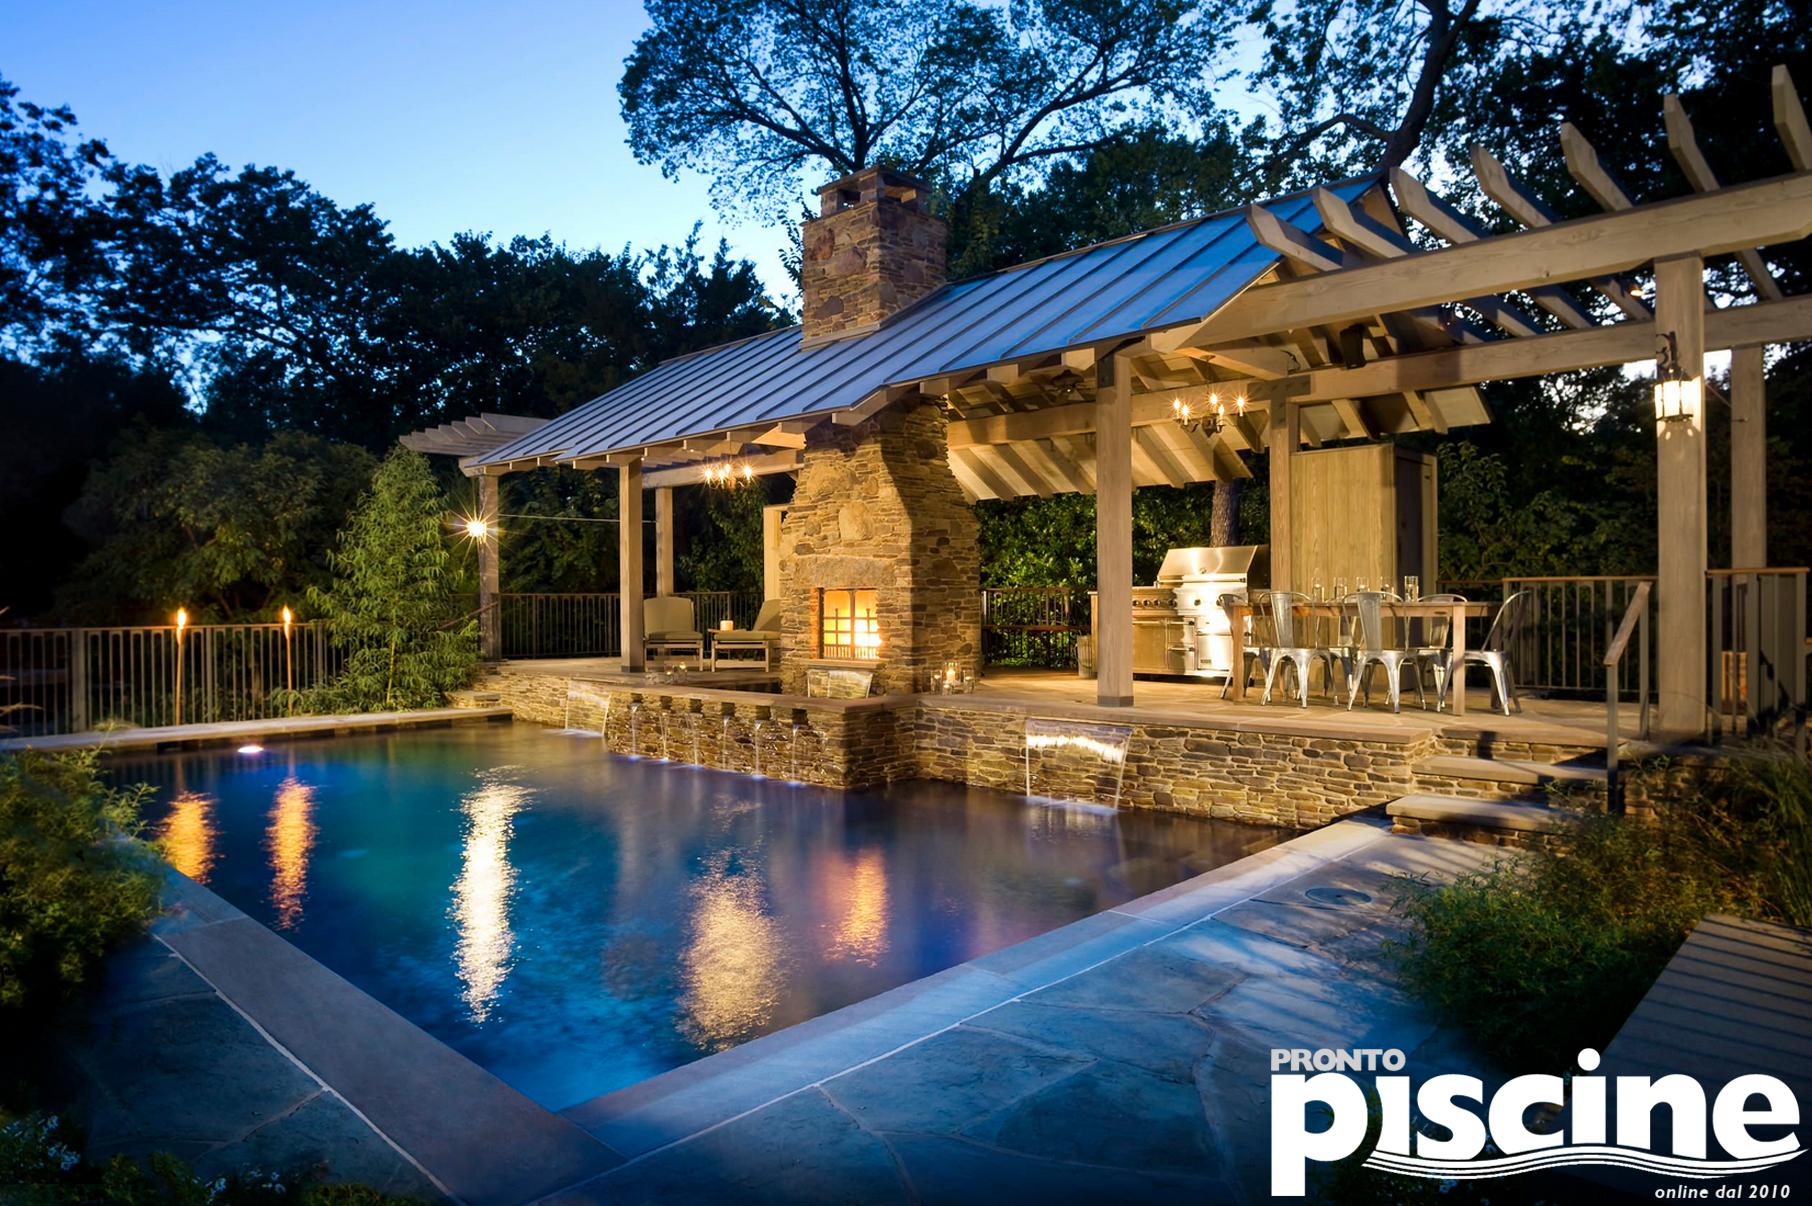 Arredi Per Piscine Esterne piscine di lusso | cortile della piscina, arredamento esterno